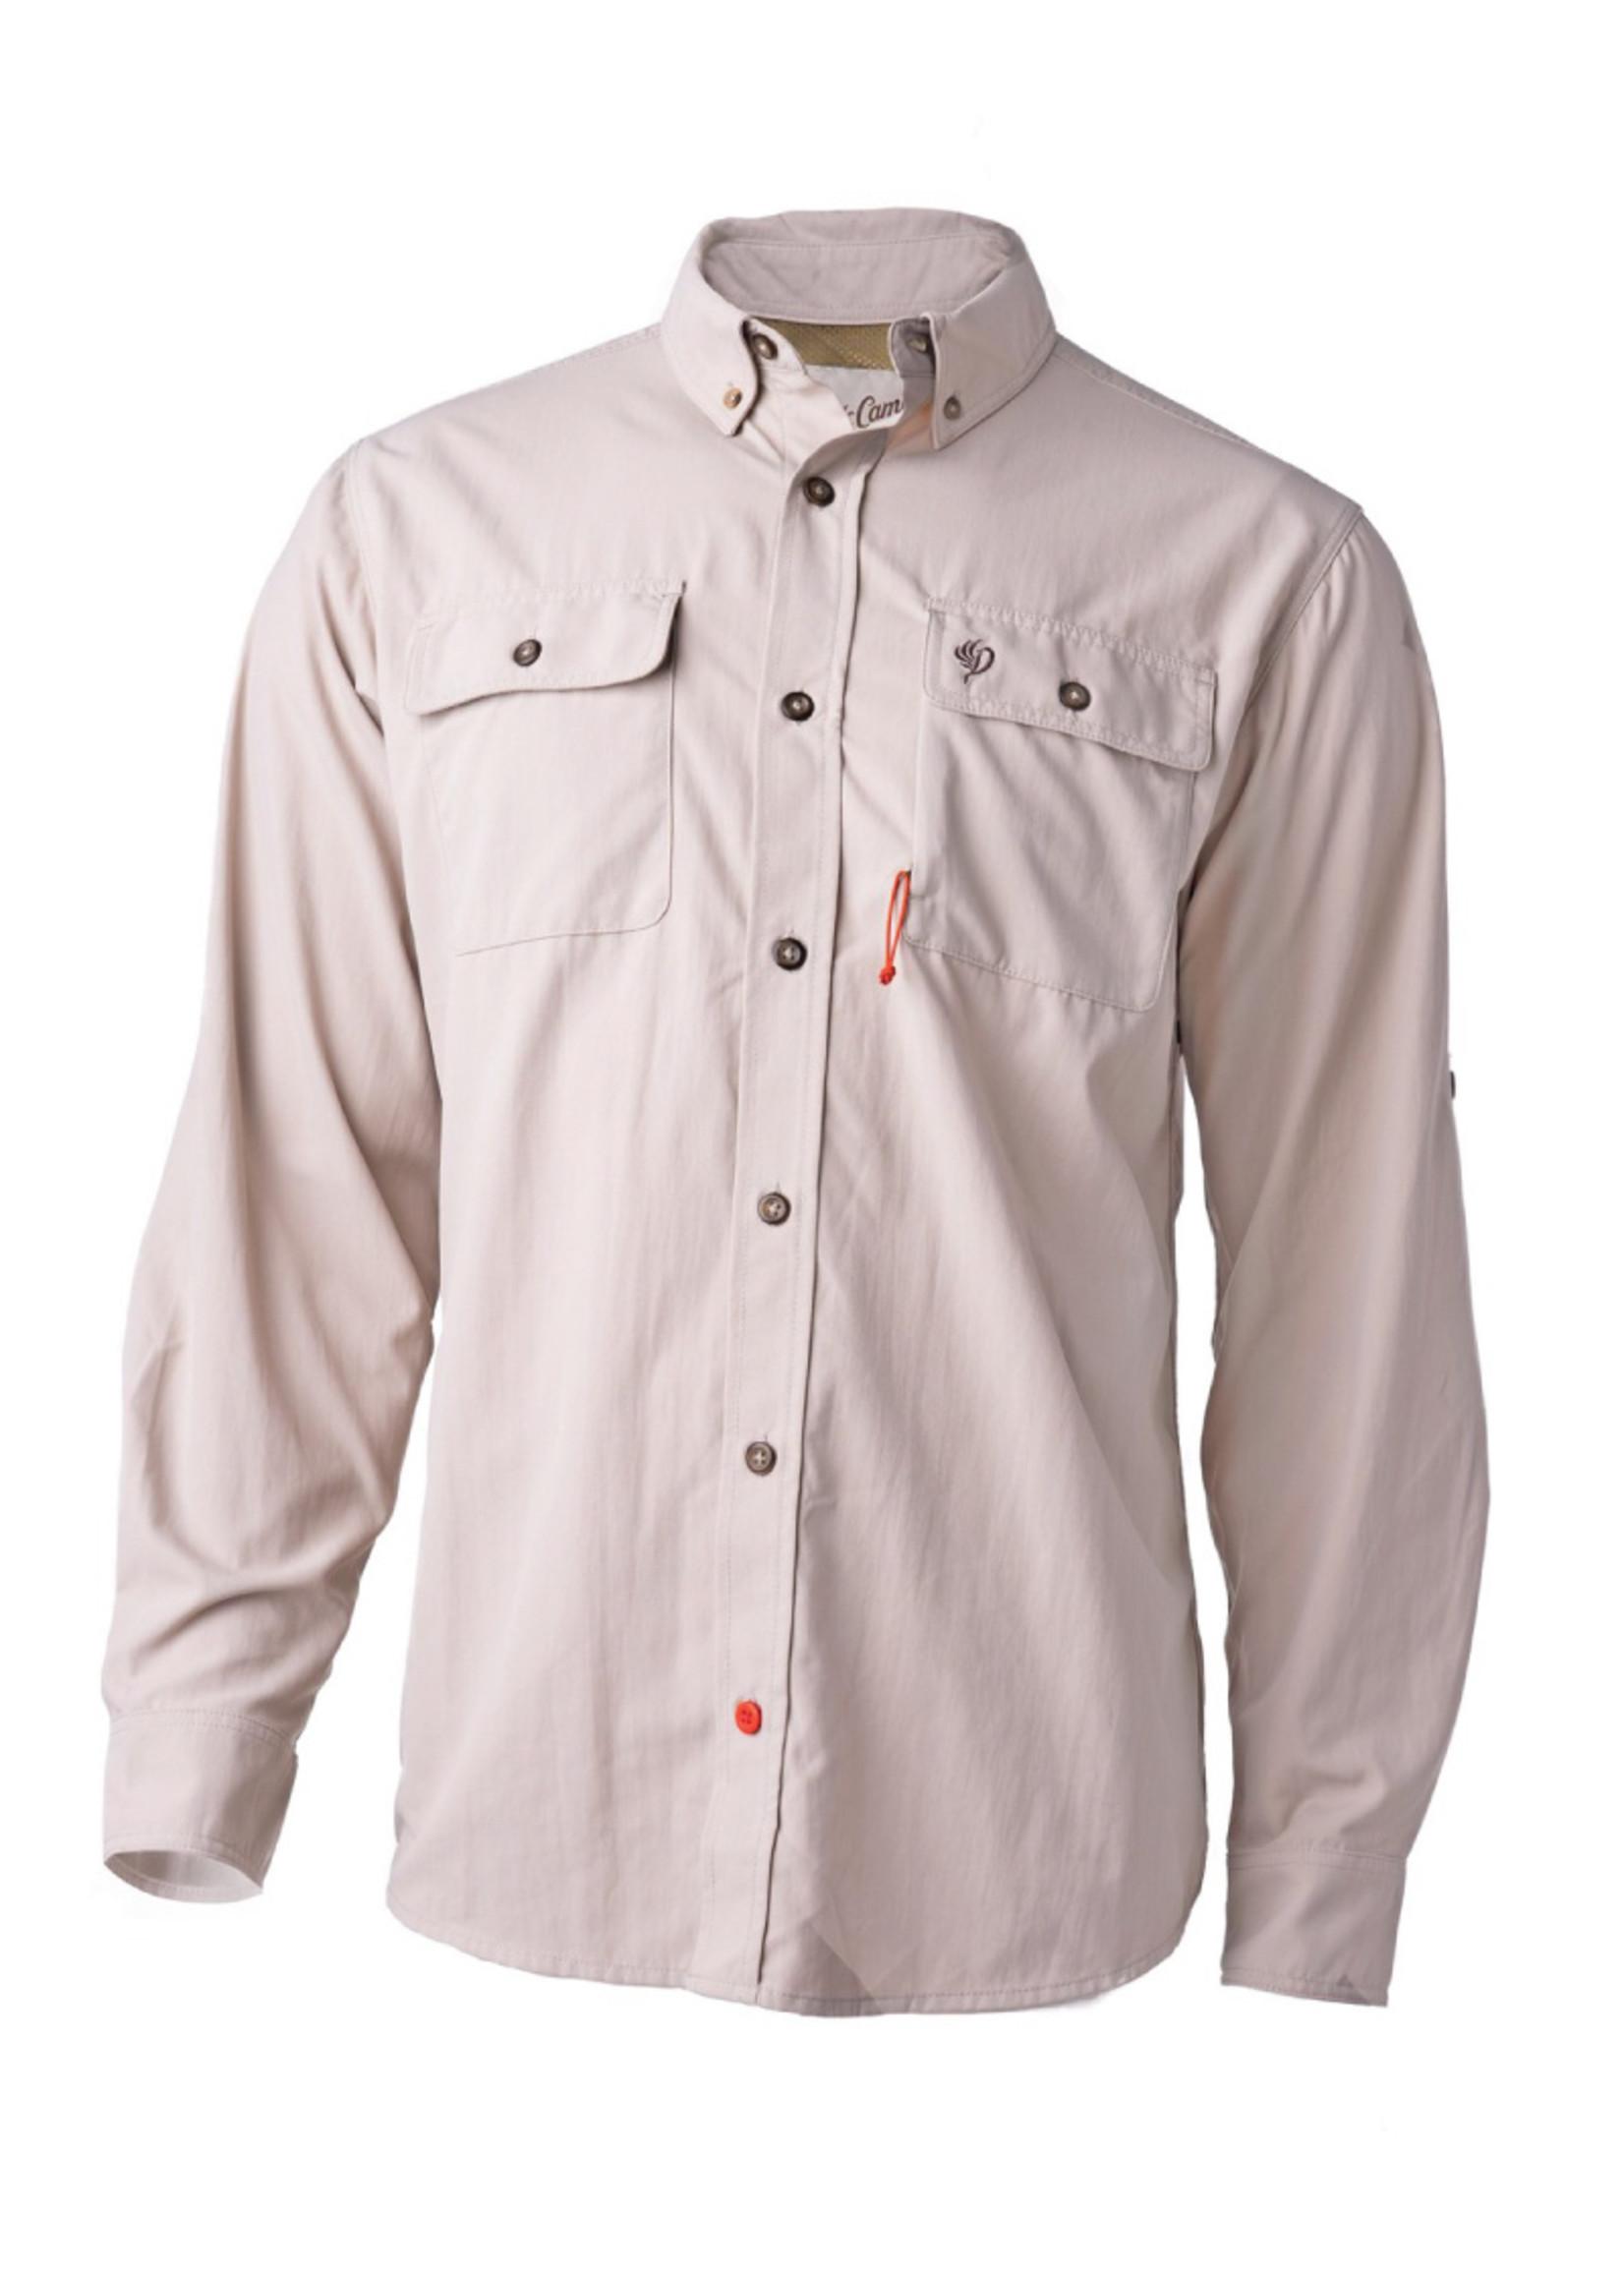 Duck Camp Lightweight Hunting Shirt Long Sleeve